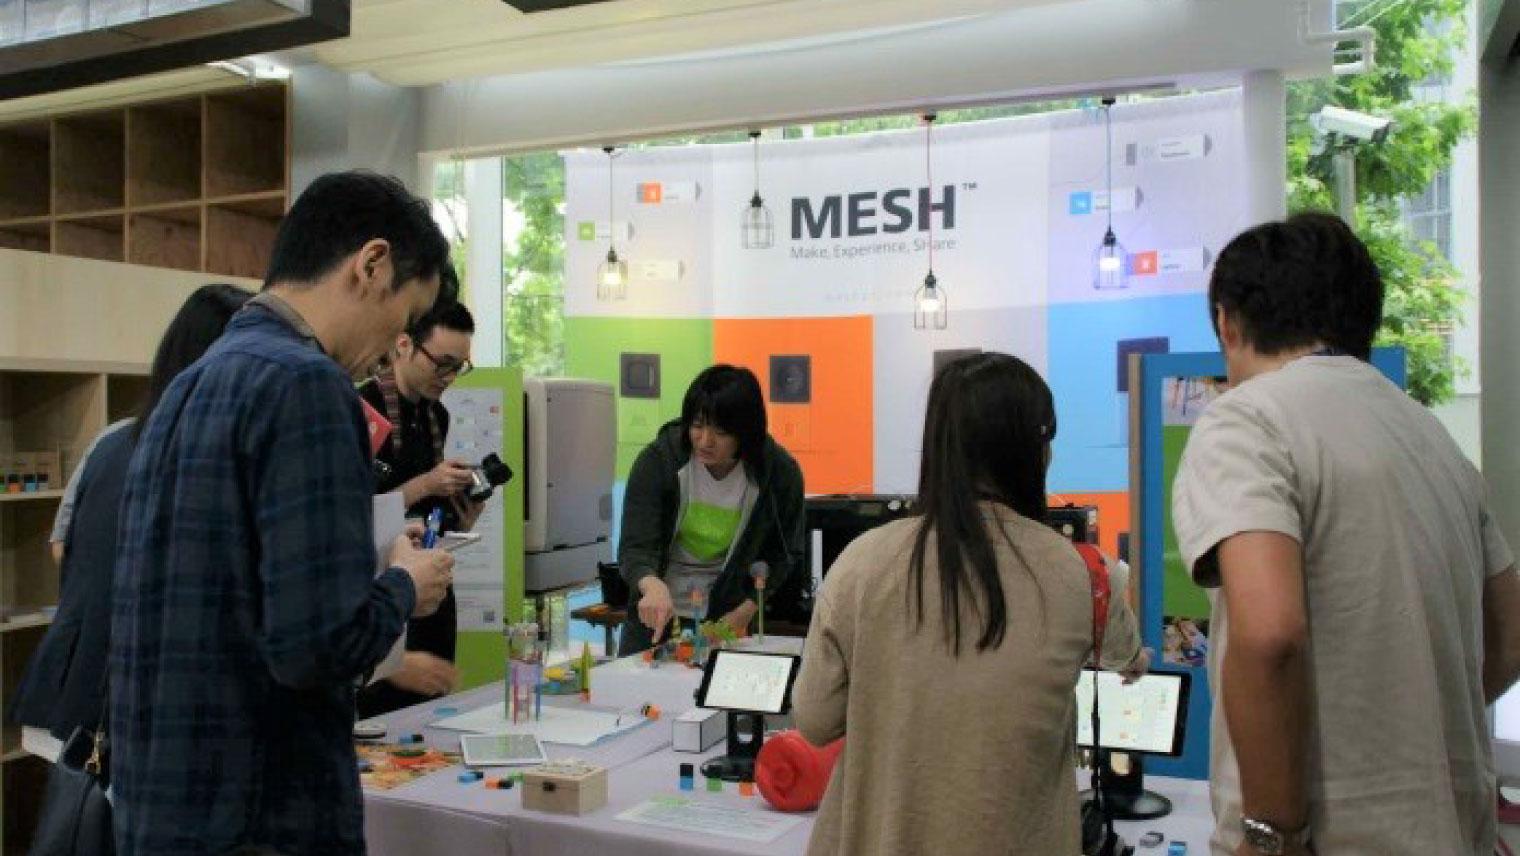 MESH メディア向けイベント